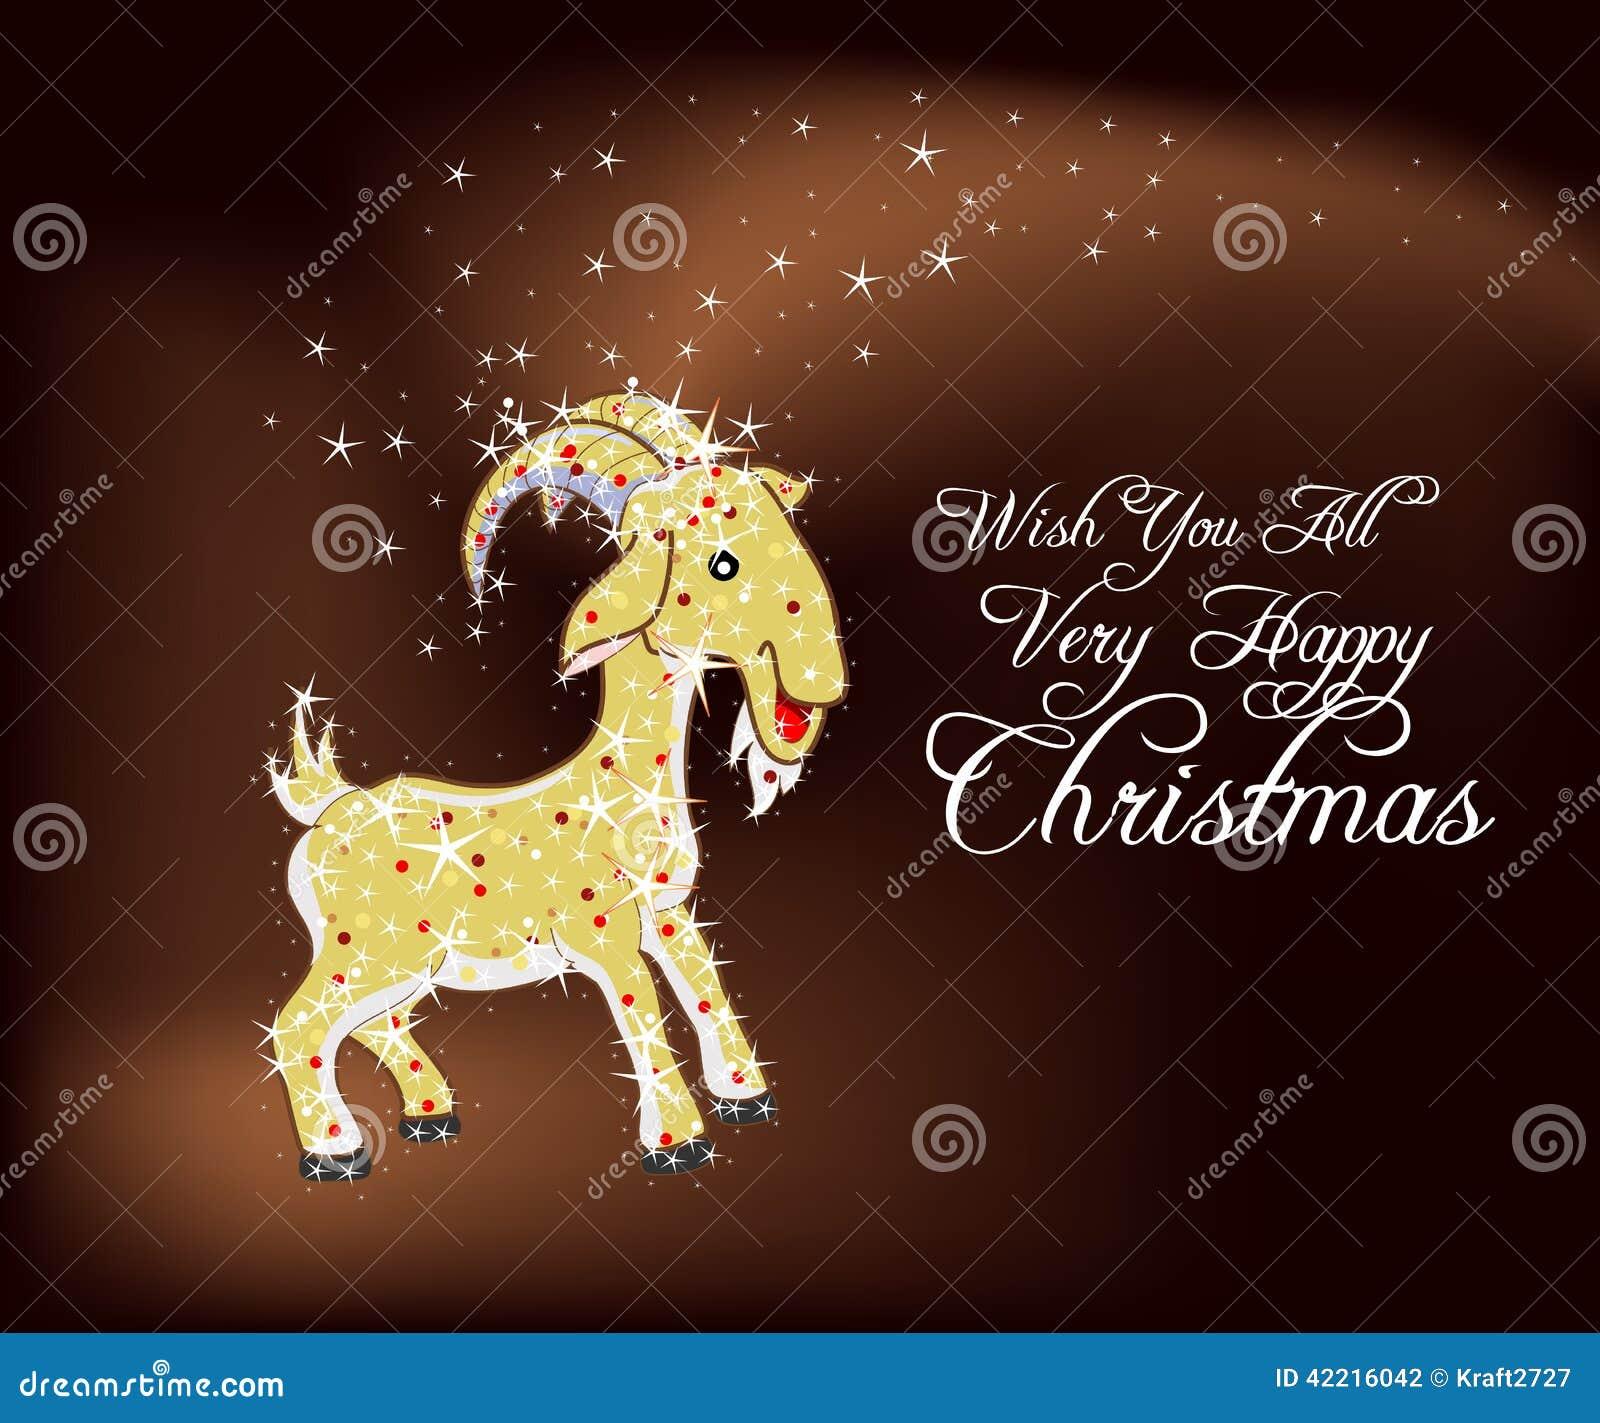 Wünschen Sie Ihnen Alles Sehr Glückliche Weihnachten Stock Abbildung ...